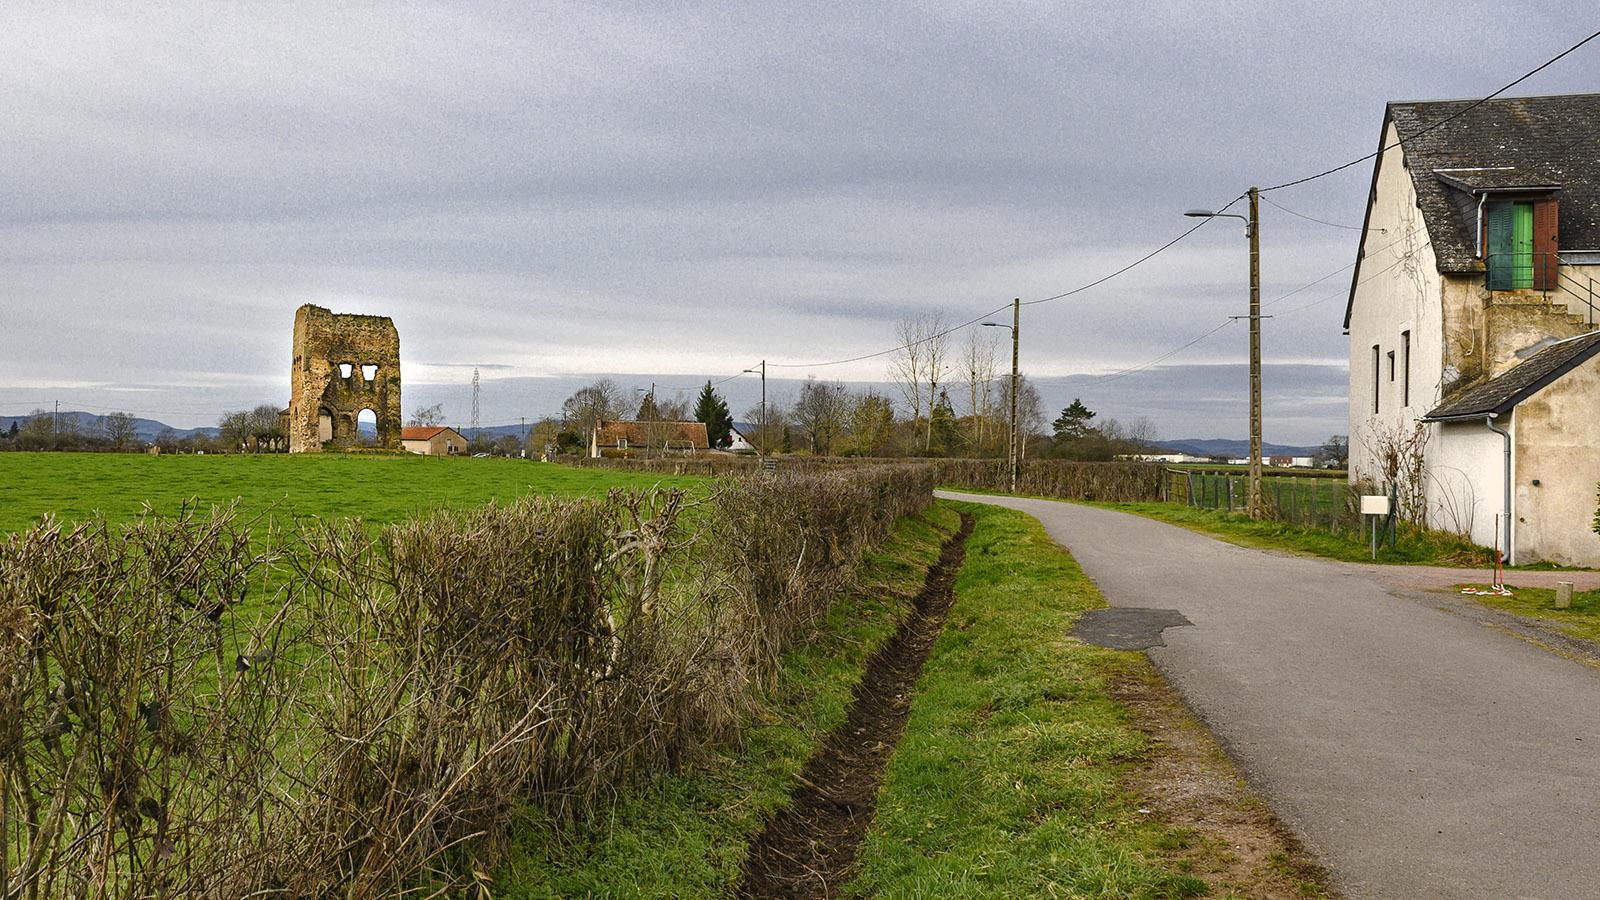 Autun: Etwas außerhalb erhebt sich der stark lädierte Reist des römischen Janustempels. Foto: Hilke Maunder